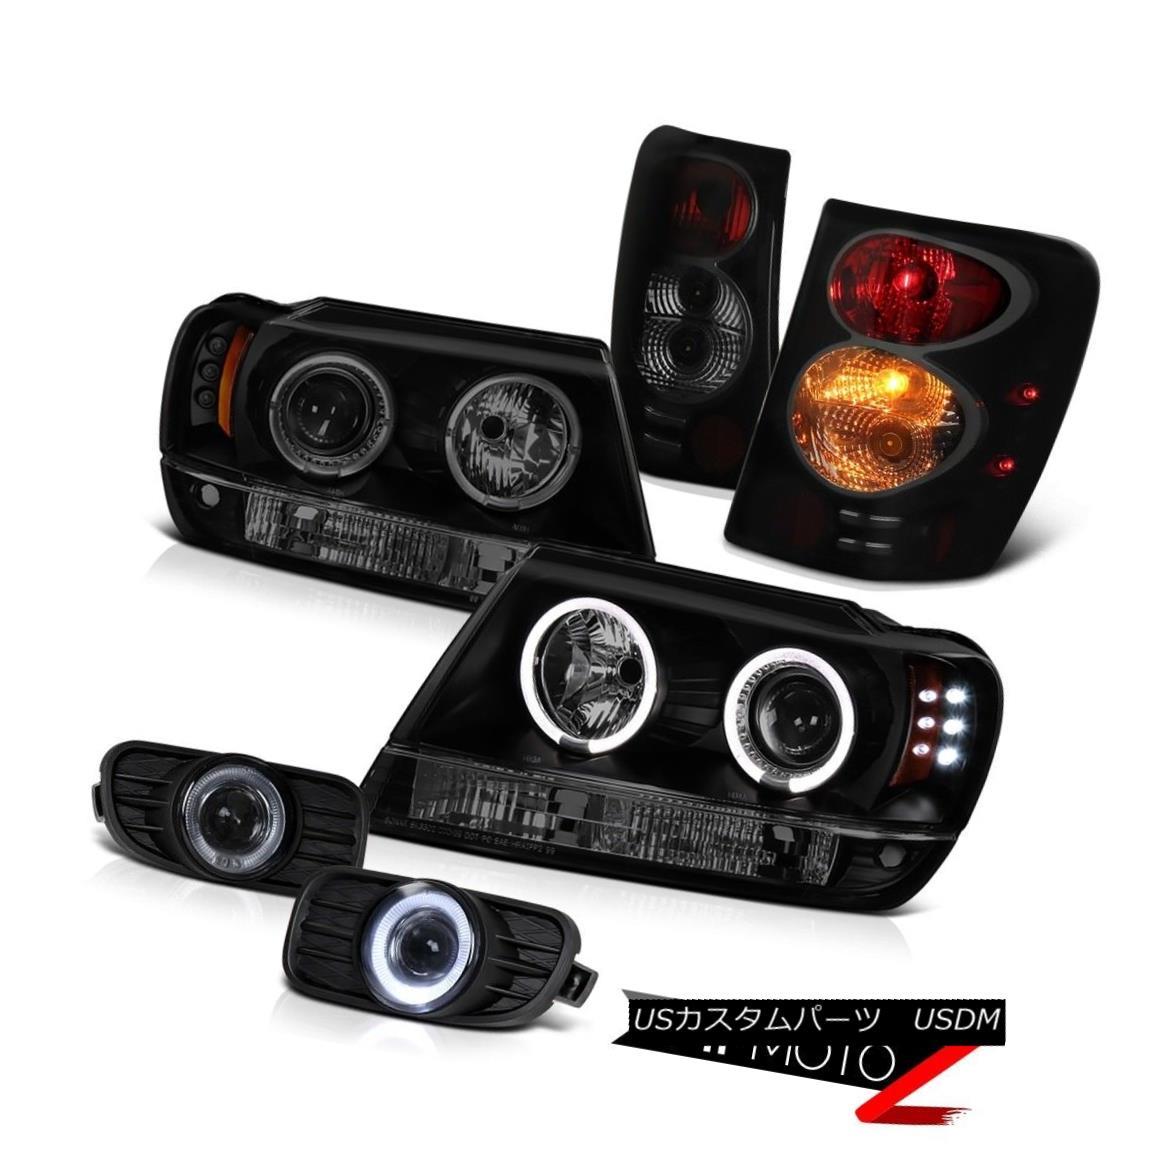 ヘッドライト 1999-2003 Grand Cherokee WG Headlight Projector Halo LED Rear Tail Lamps Fog 4X4 1999-2003グランドチェロキーWGヘッドライトプロジェクターHalo LEDリアテールランプフォグ4X4